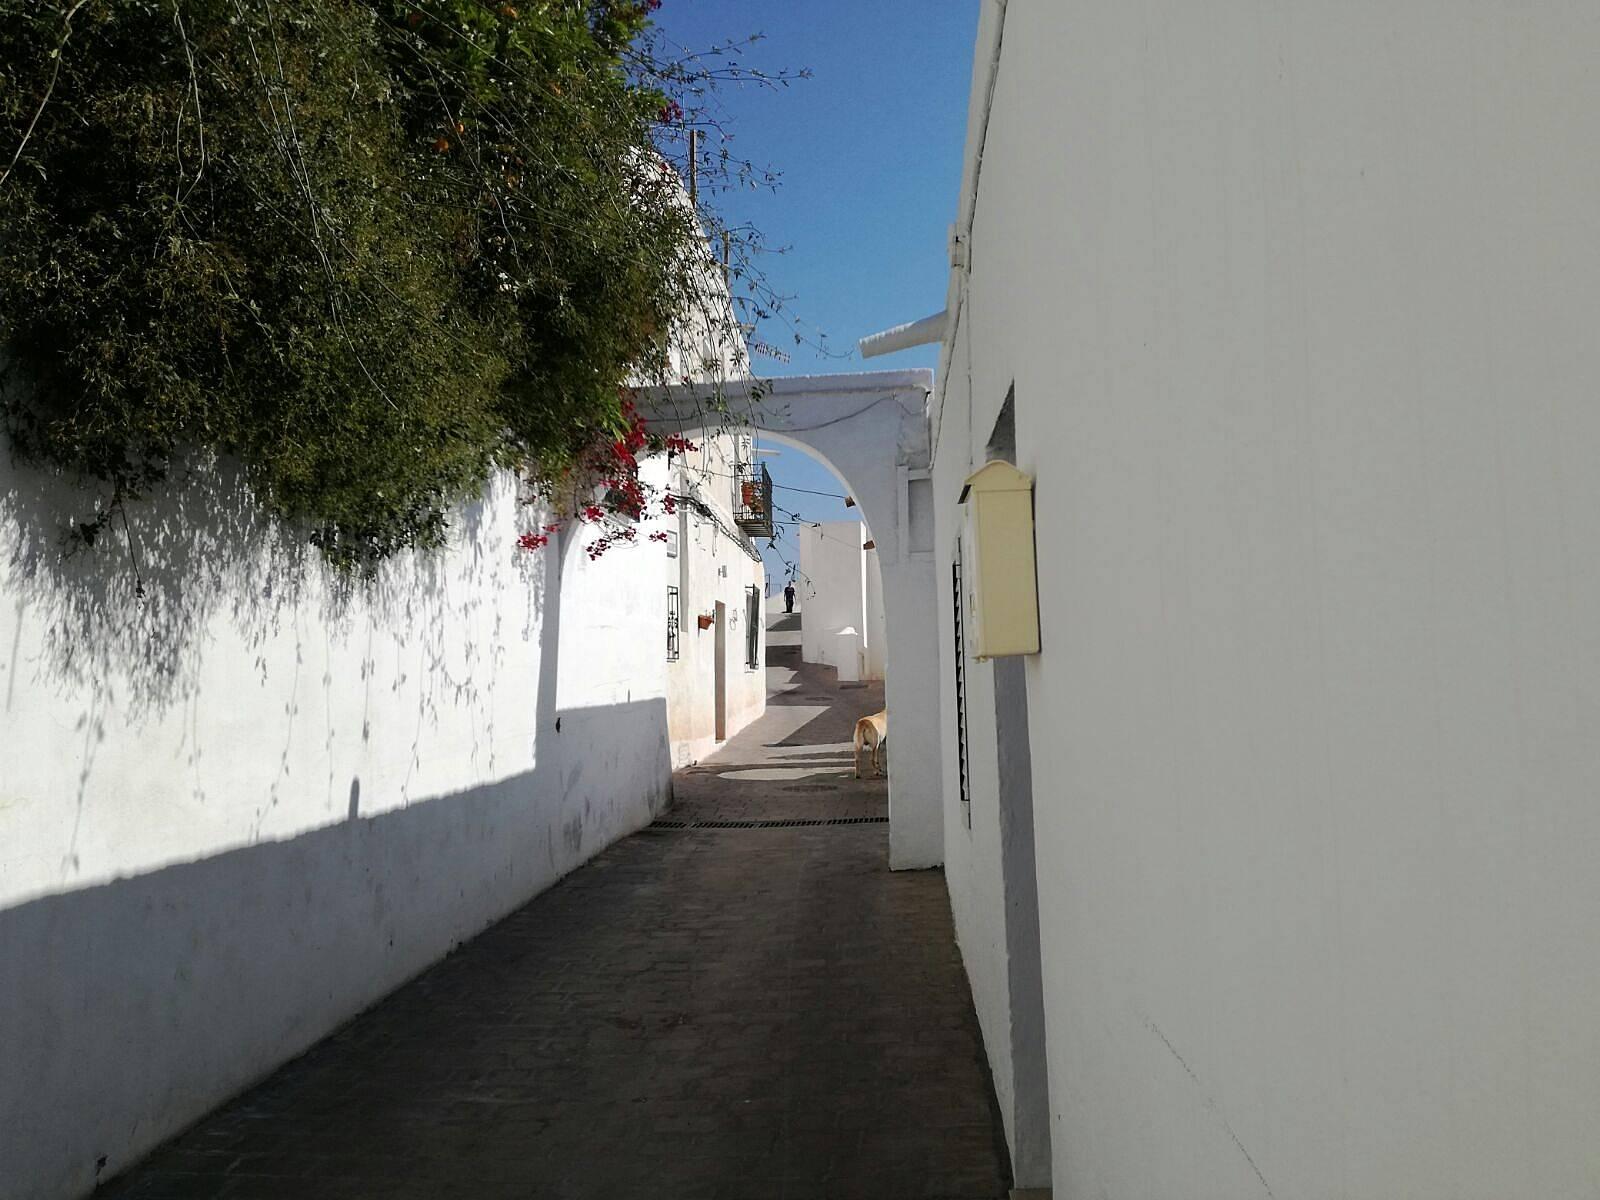 Casa en alquiler a 2 km de la playa moj car almer a costa de almer a - Apartamentos alquiler mojacar ...